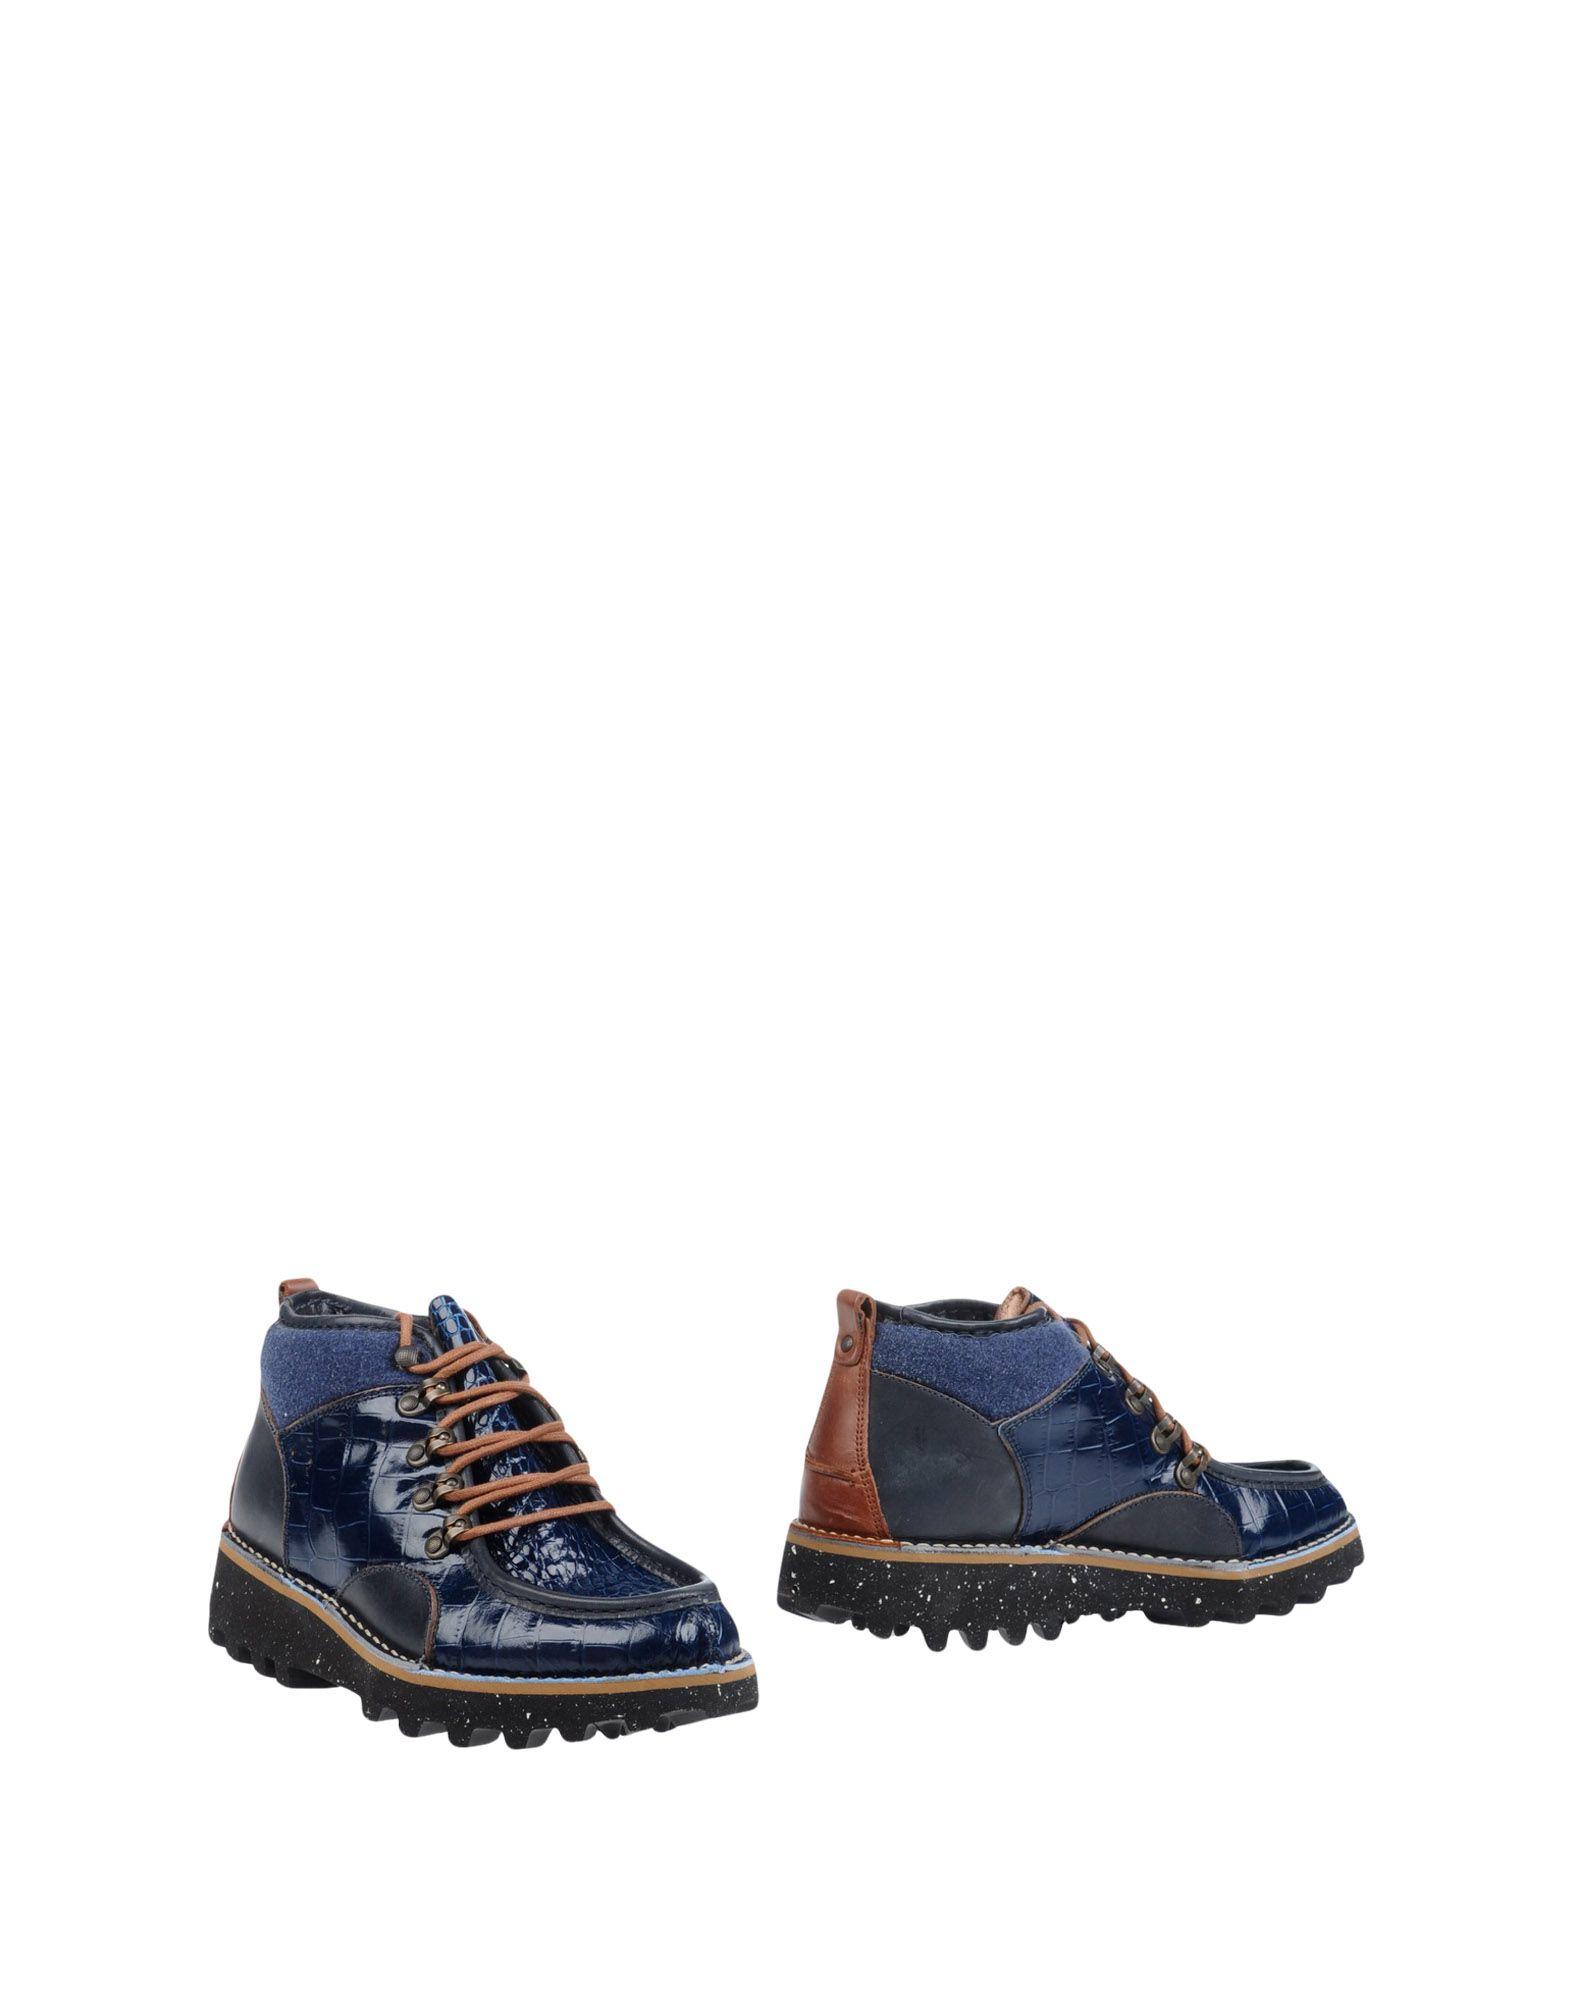 Rabatt echte Stiefelette Schuhe Barleycorn Stiefelette echte Herren  11251493DG dce3de